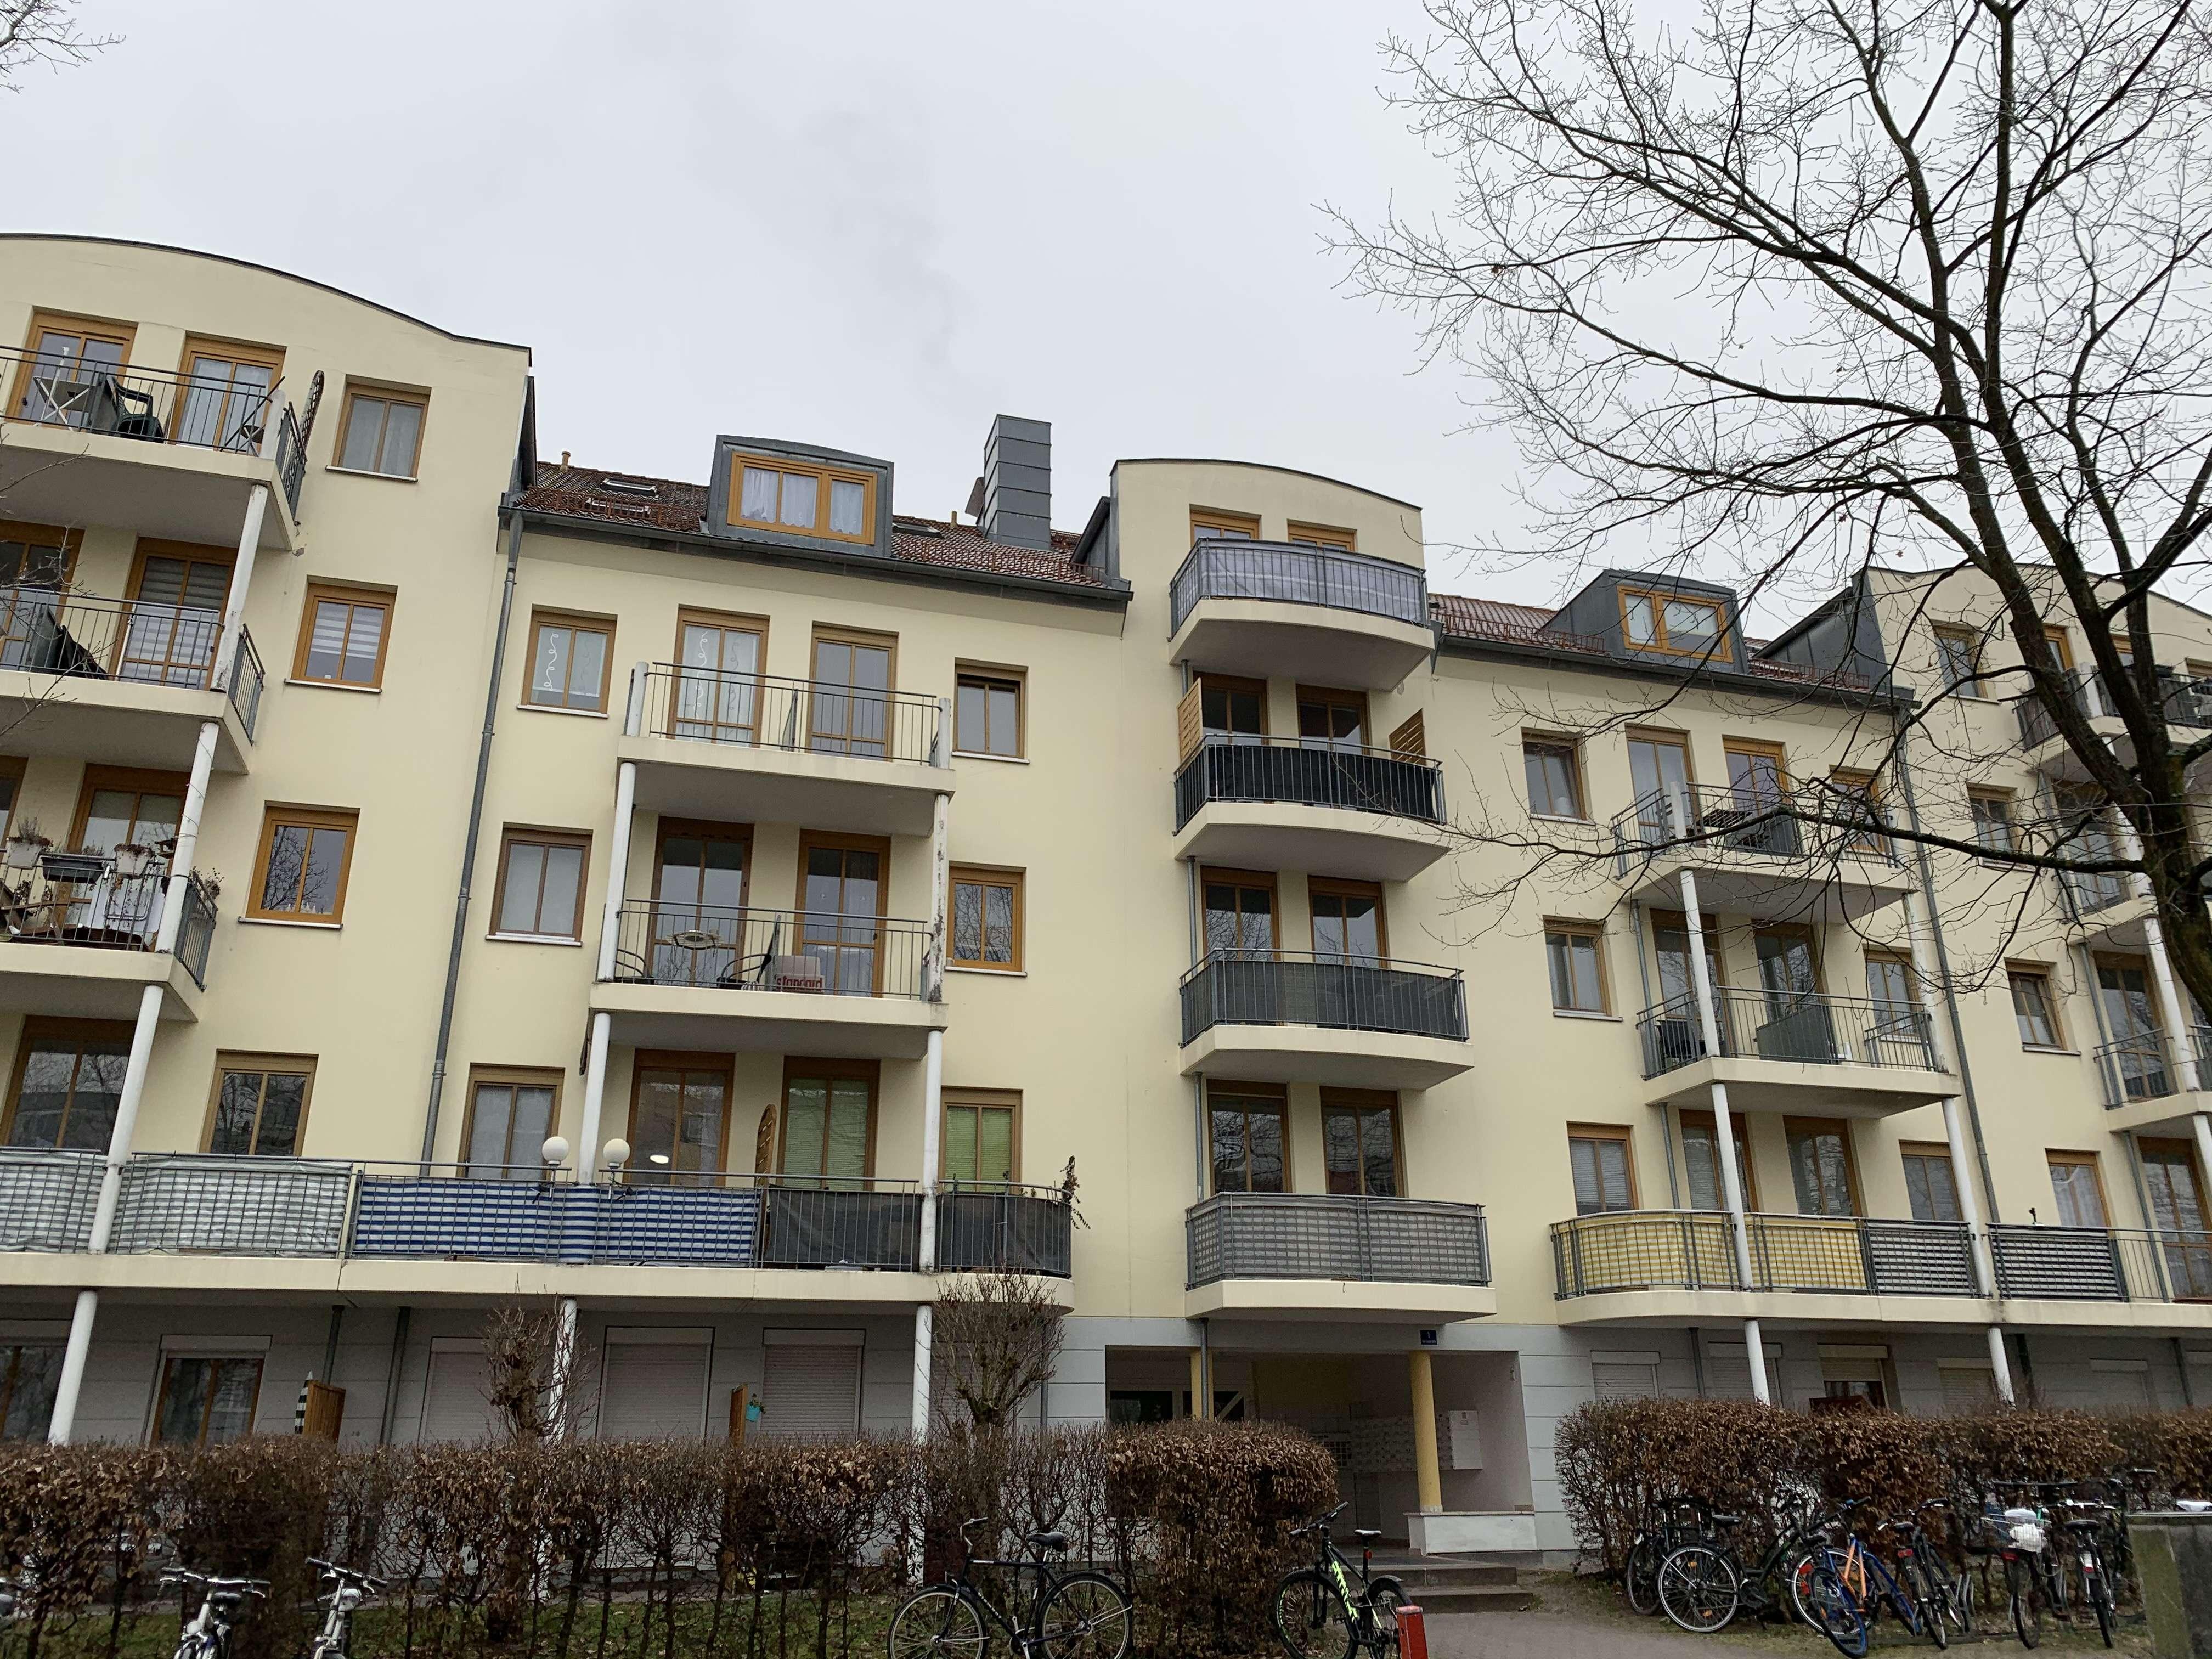 1-Zimmer-Wohnung mit Terrasse in Hammerstatt/St. Georgen/Burg (Bayreuth)